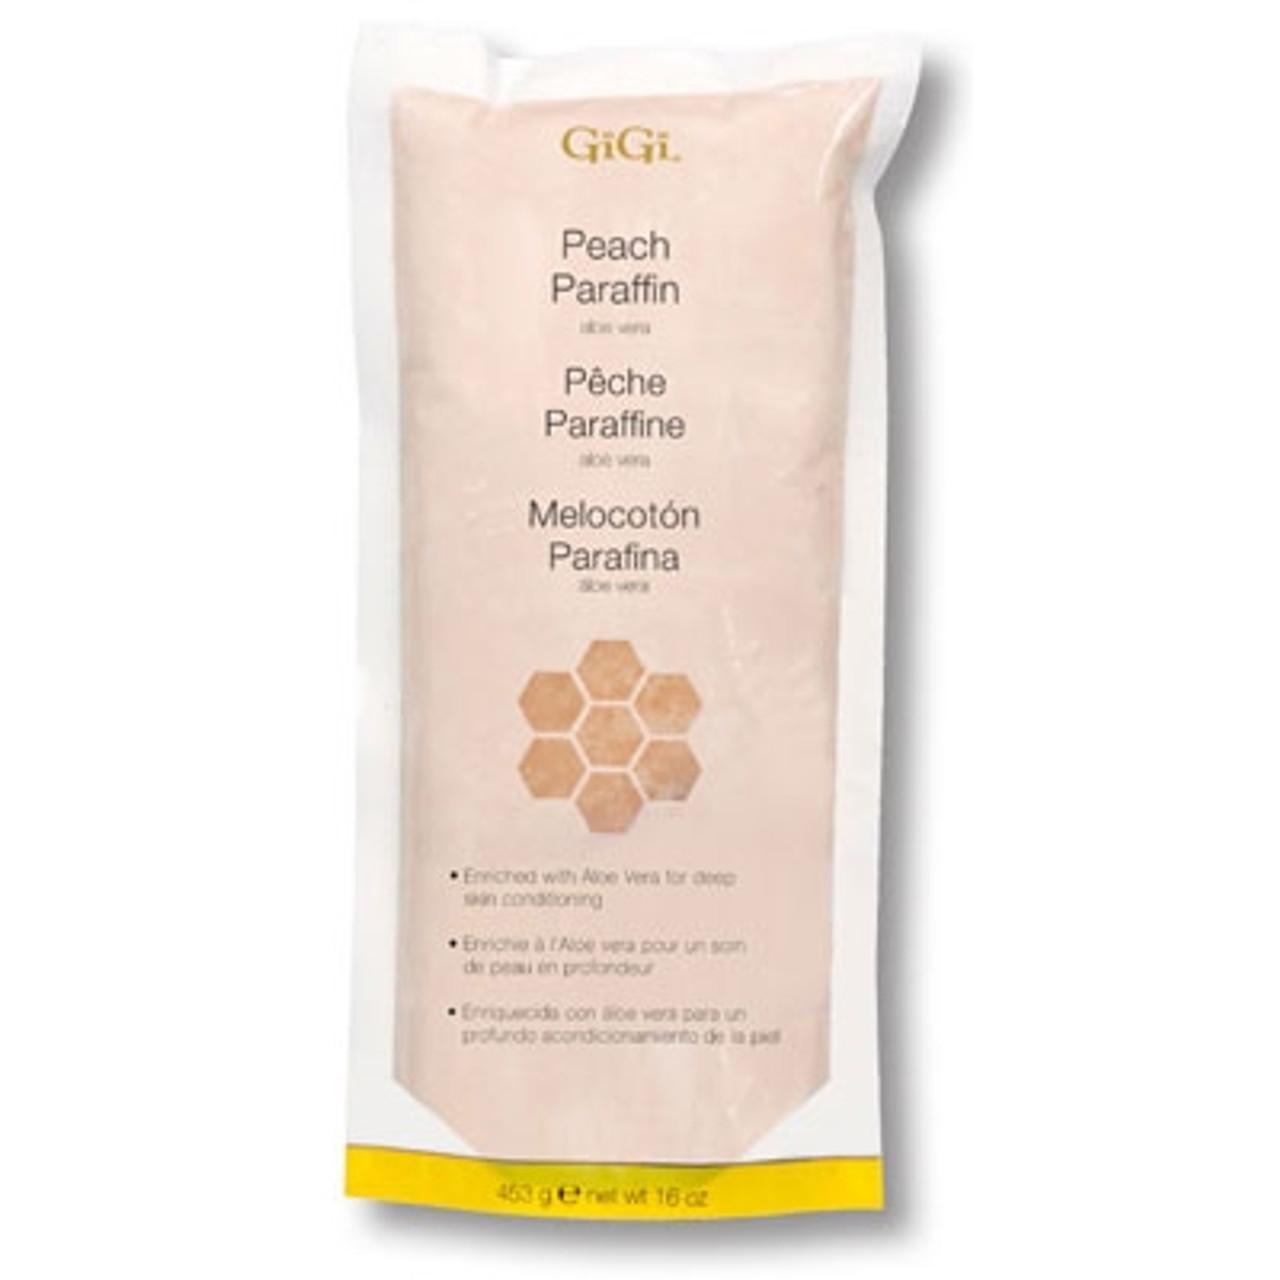 GiGI Paraffin Wax - Peach